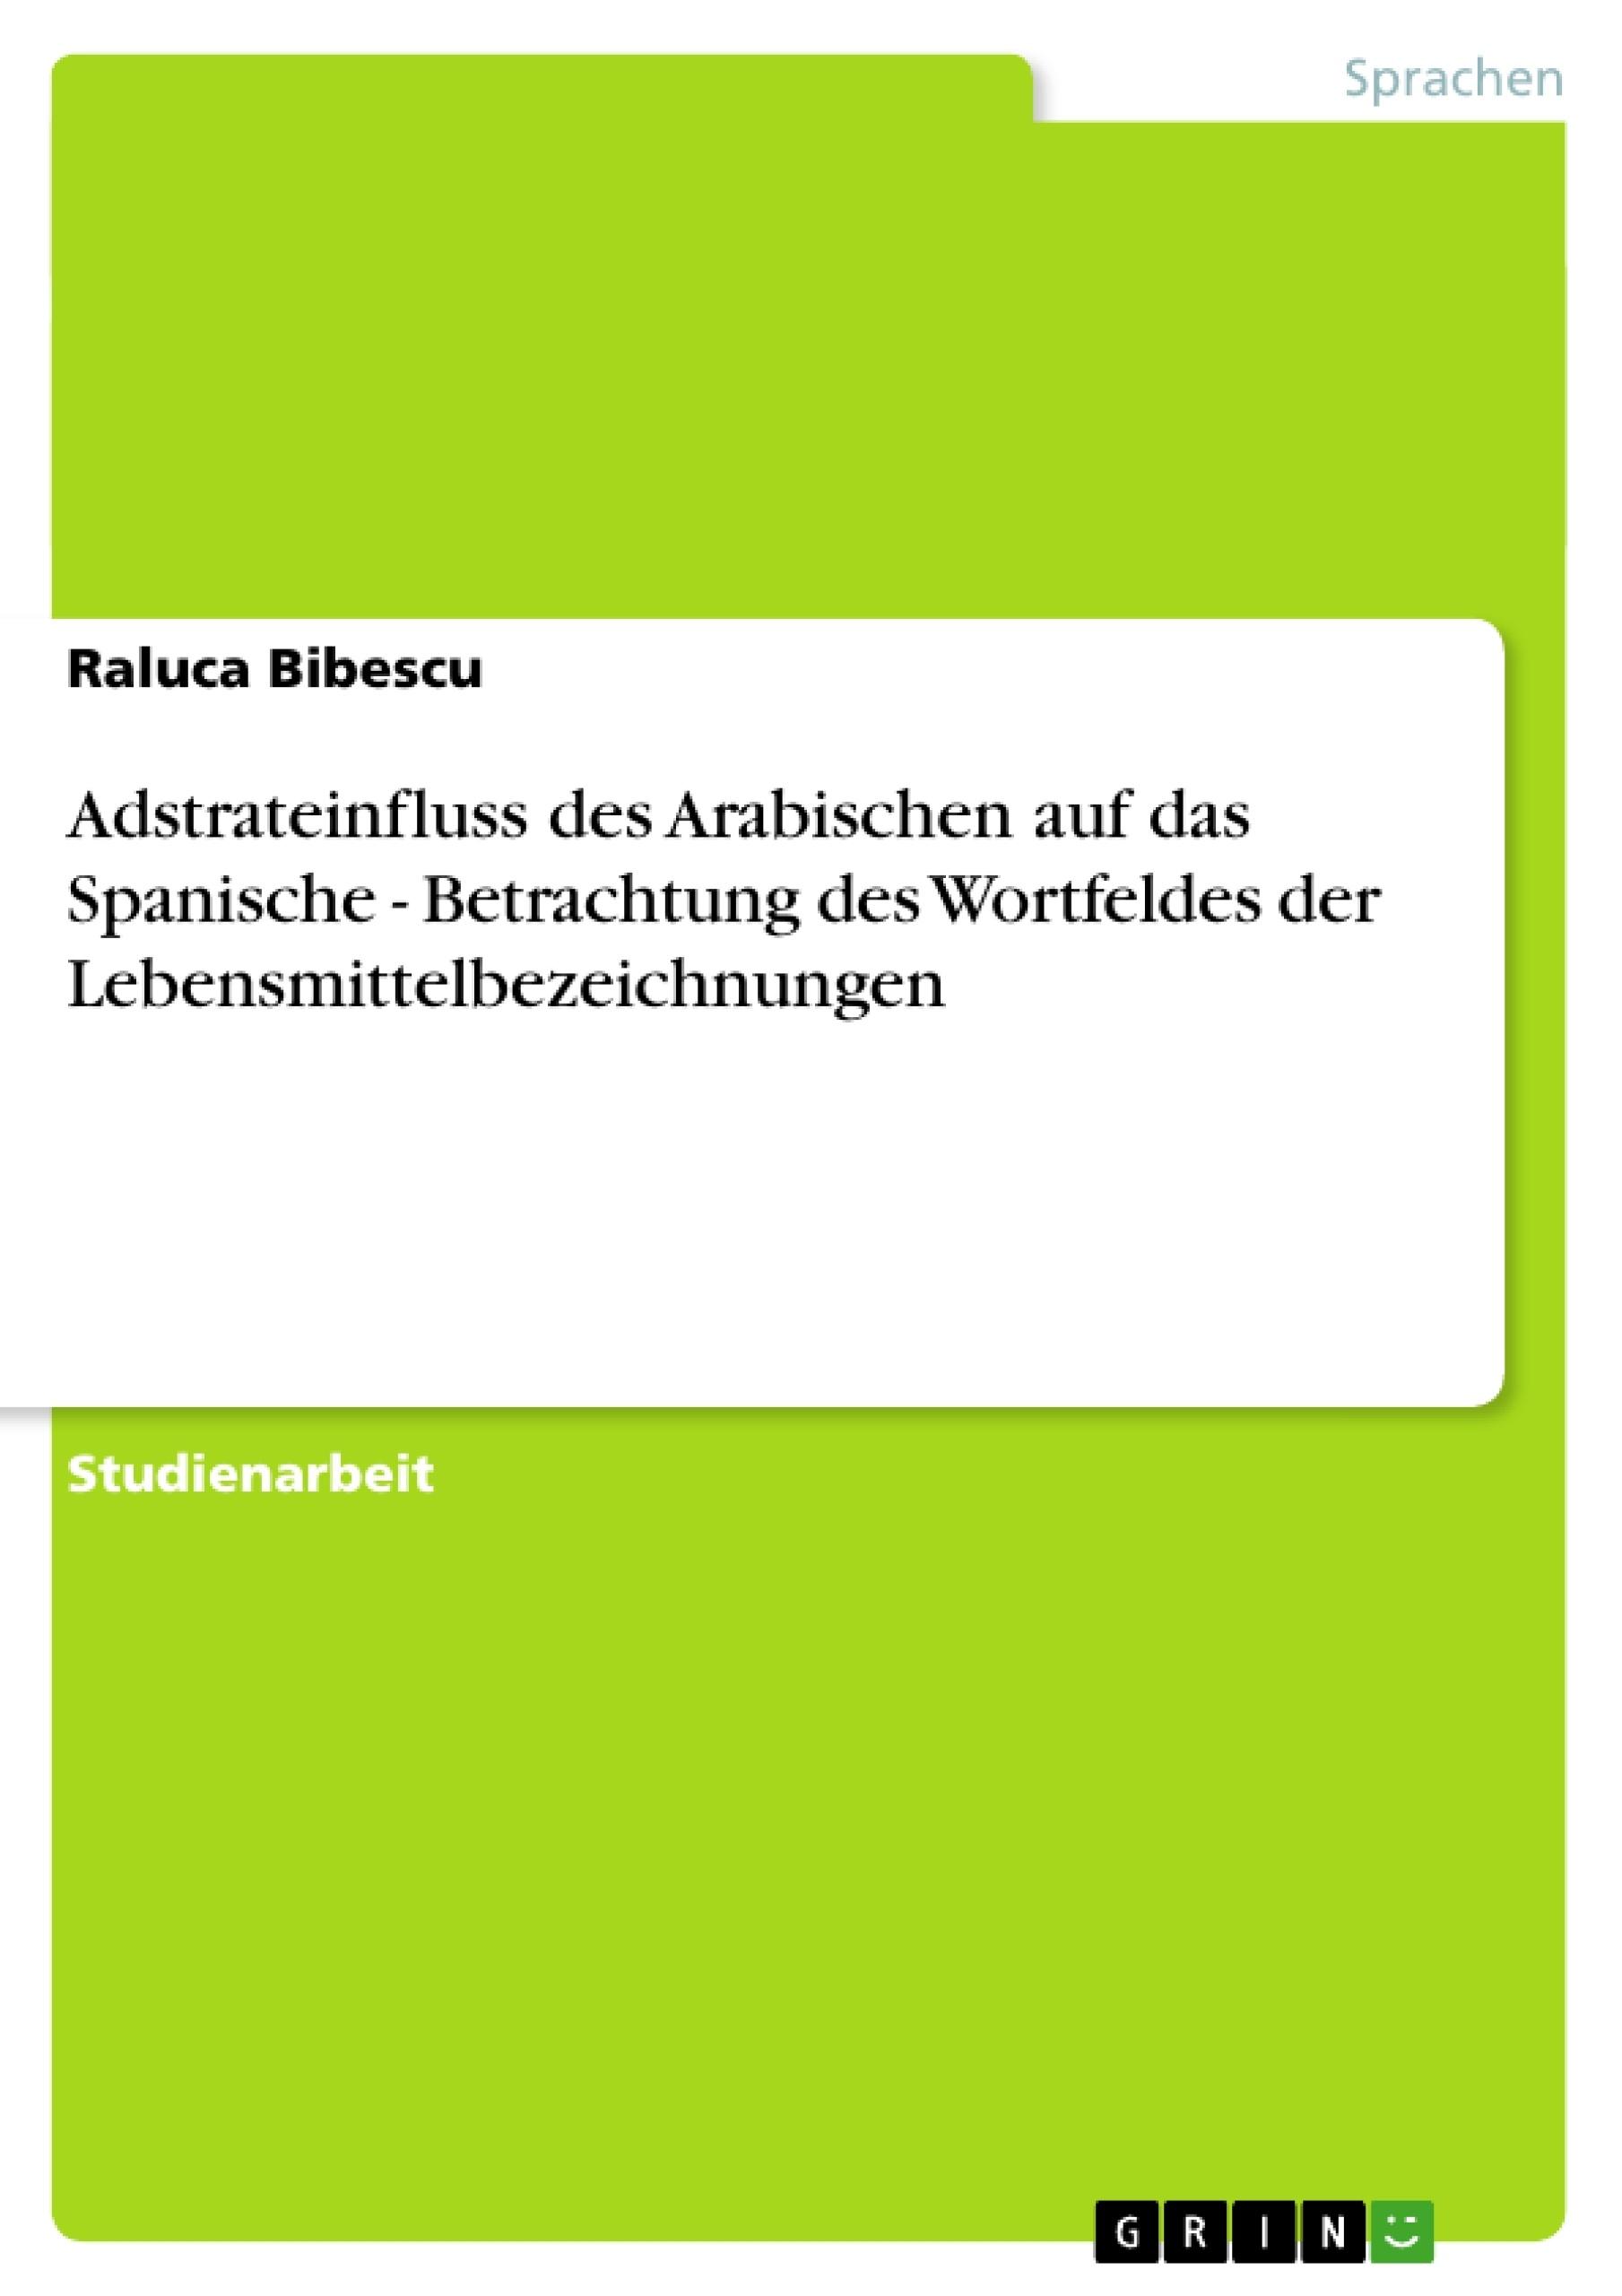 Titel: Adstrateinfluss des Arabischen auf das Spanische - Betrachtung des Wortfeldes der Lebensmittelbezeichnungen